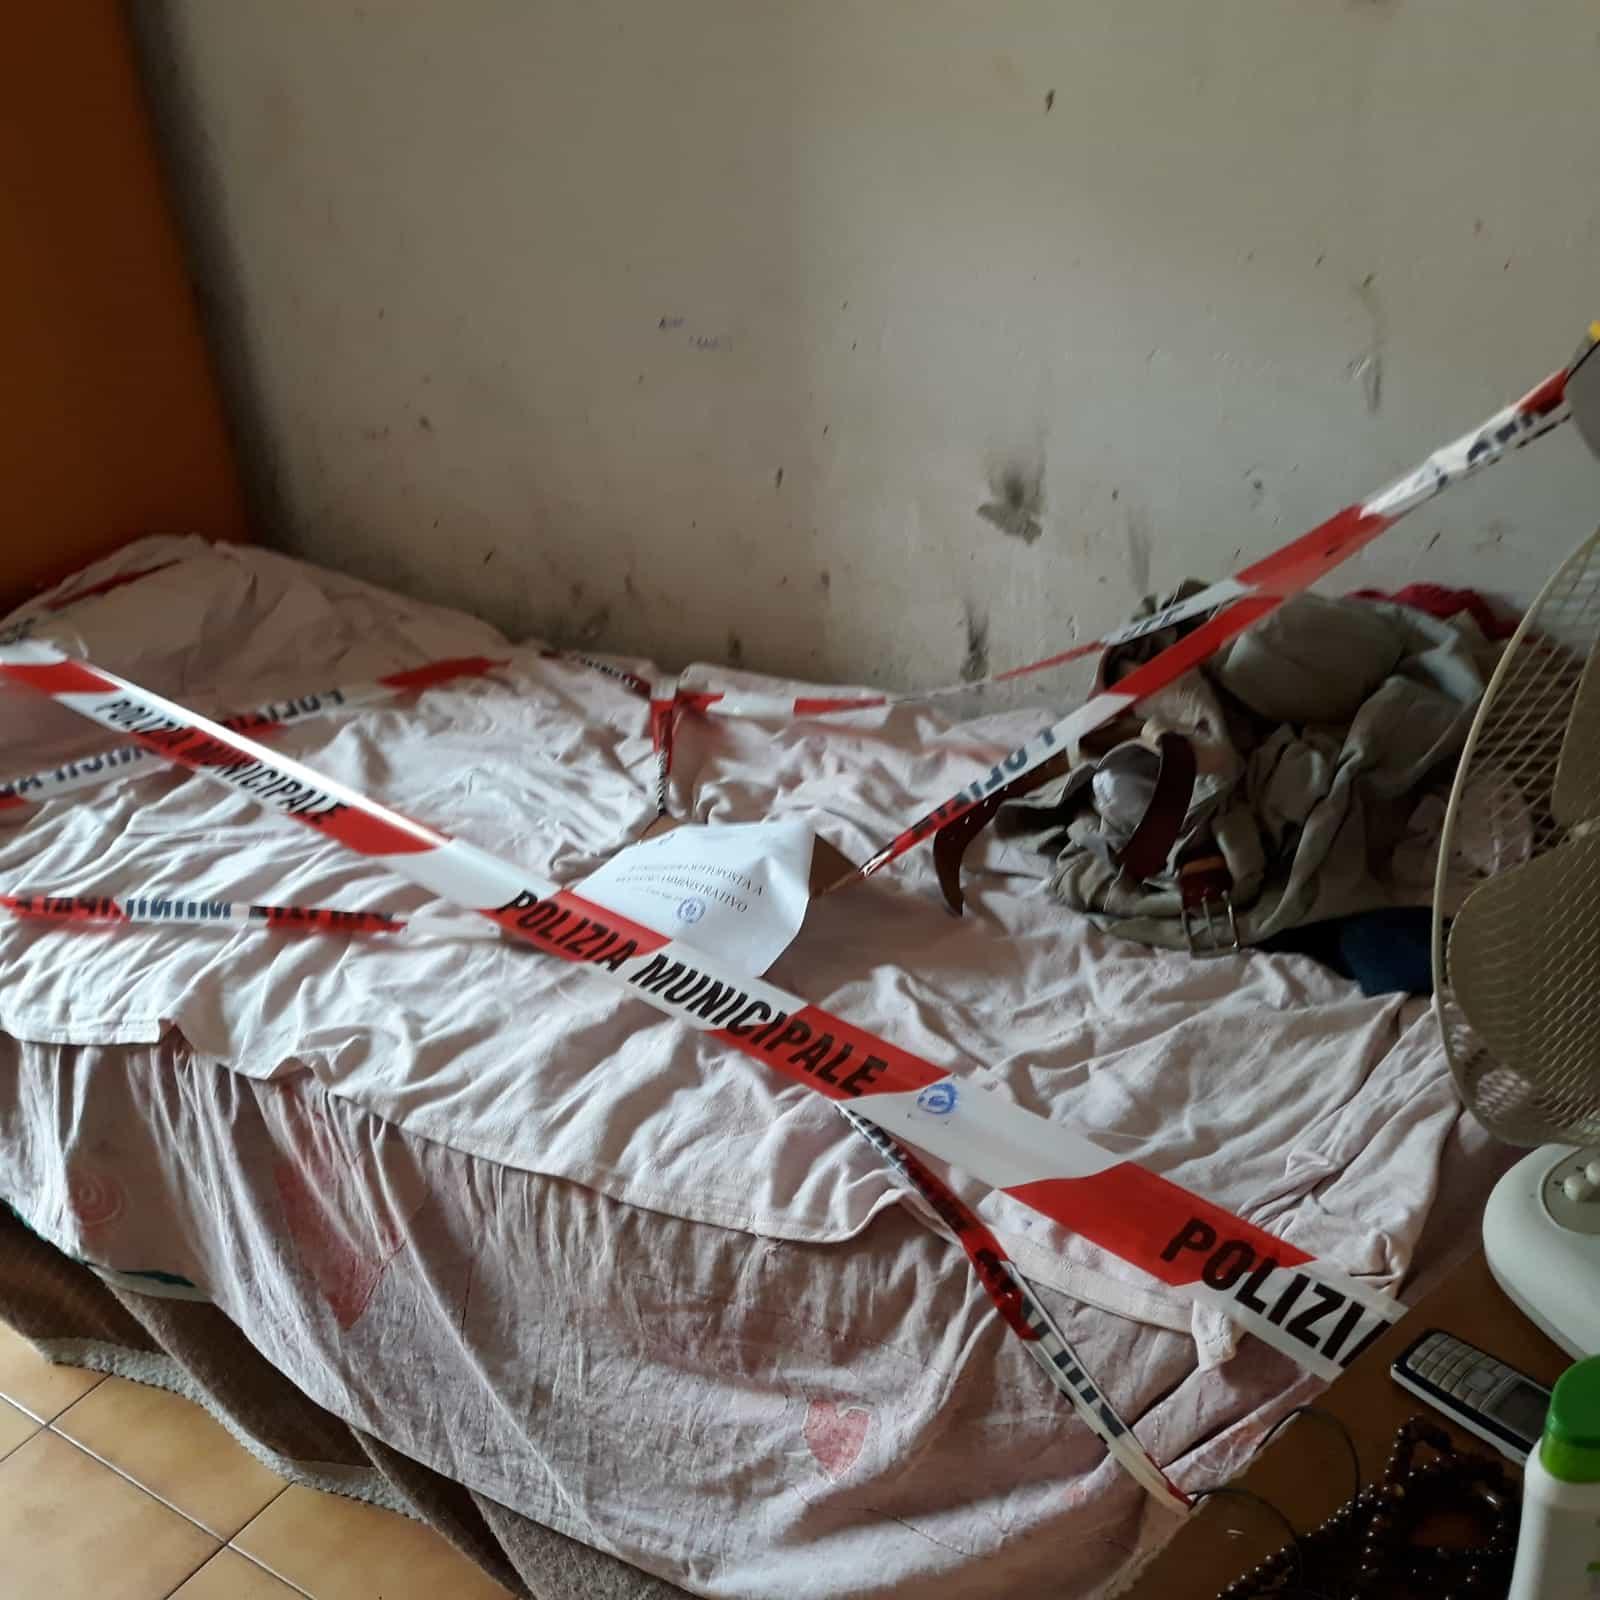 sequestro polizia appartamento centro pisa-2